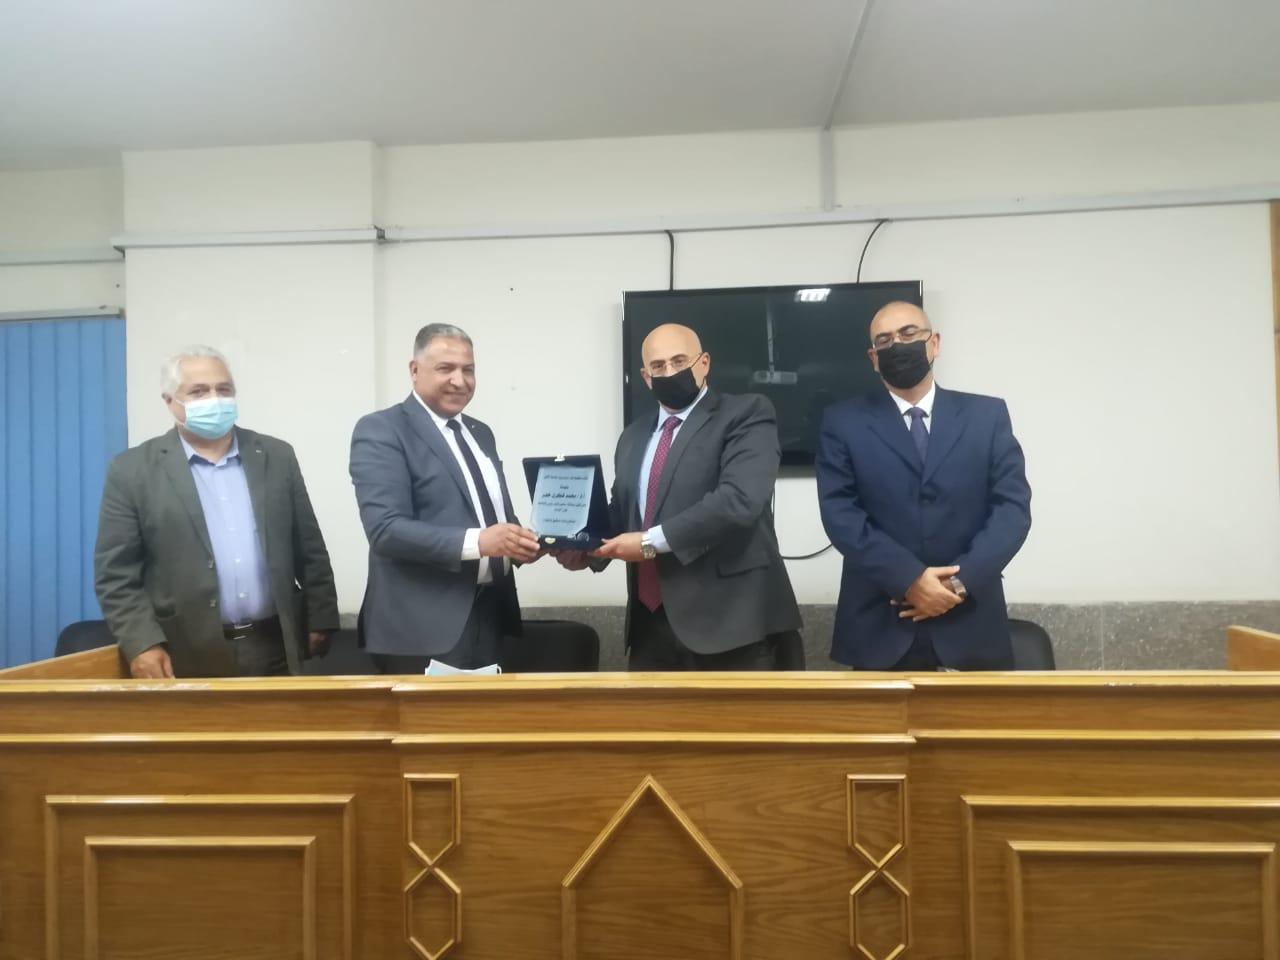 مجلس كلية طب الأسنان يكرم نائب رئيس جامعة الأزهر